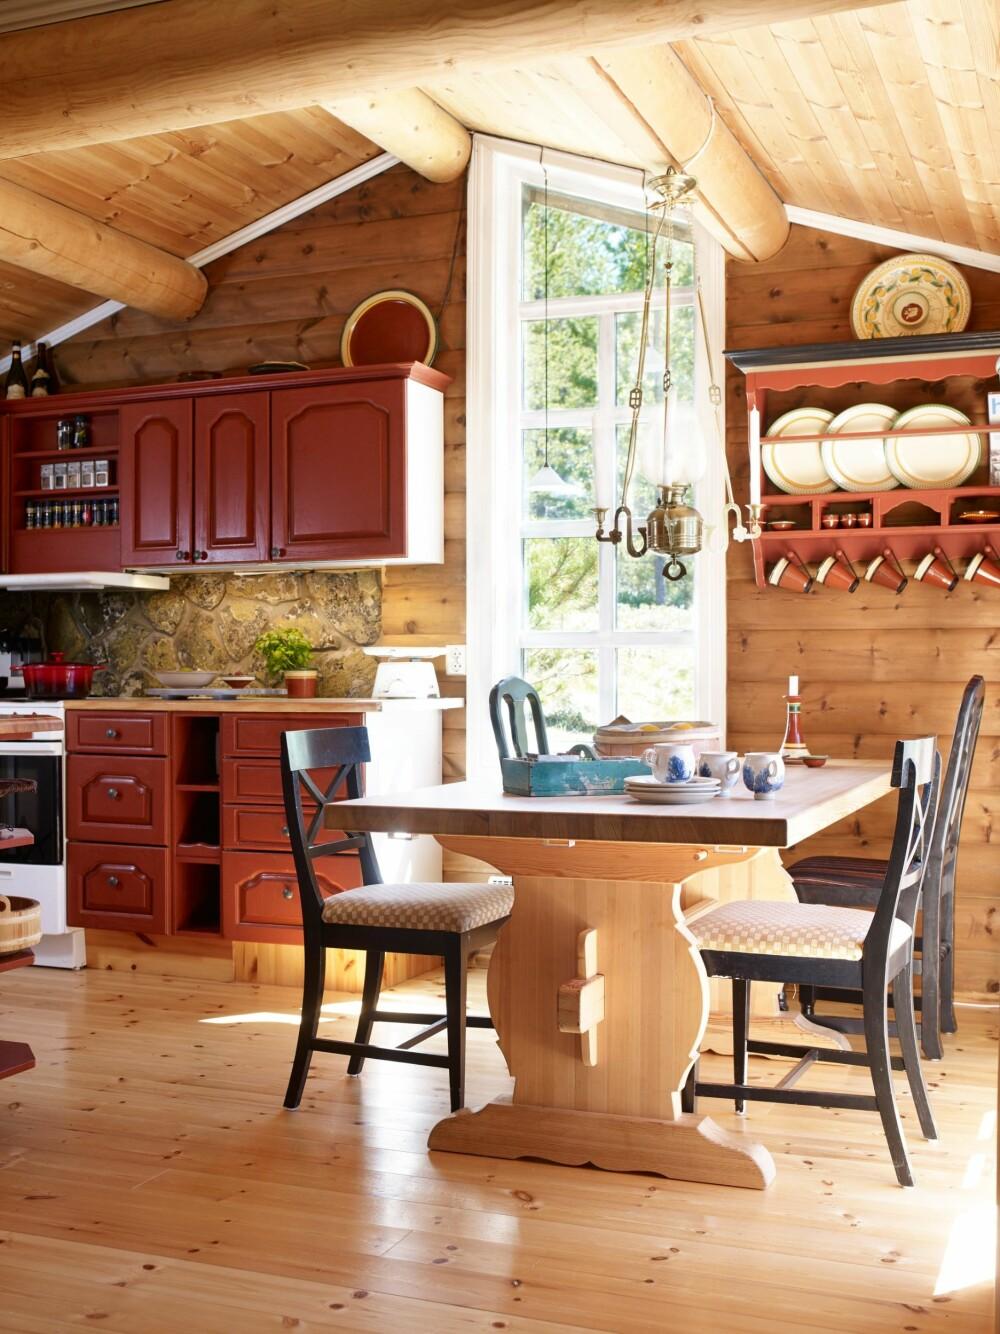 NATUREN TETT PÅ: Tilbygget med kjøkkenet har en lun utsikt mot skogen innenfor. Vinduet går helt ned til gulvet. I hyllene er det keramikk fra Potteriet på Røros.